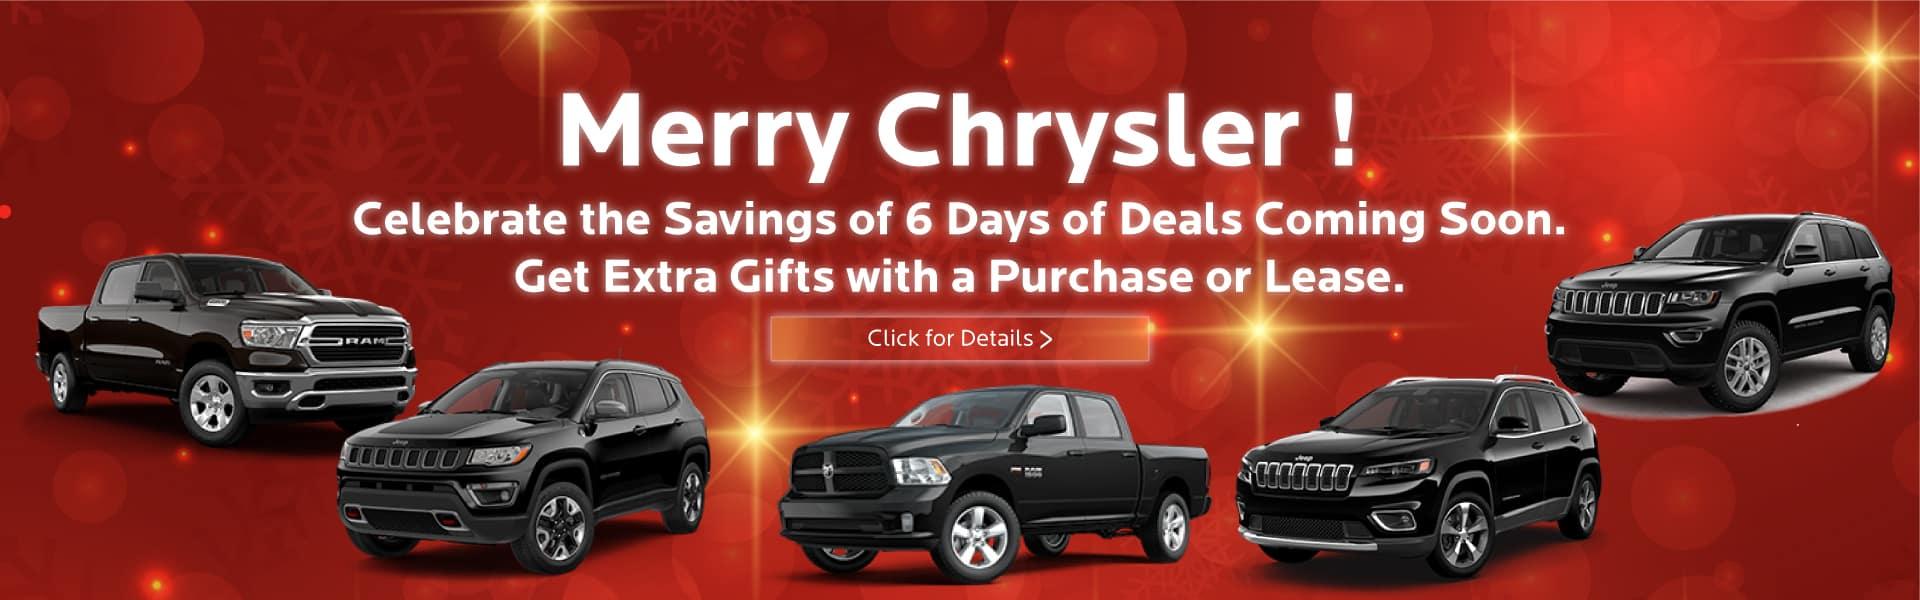 Merry Chrysler